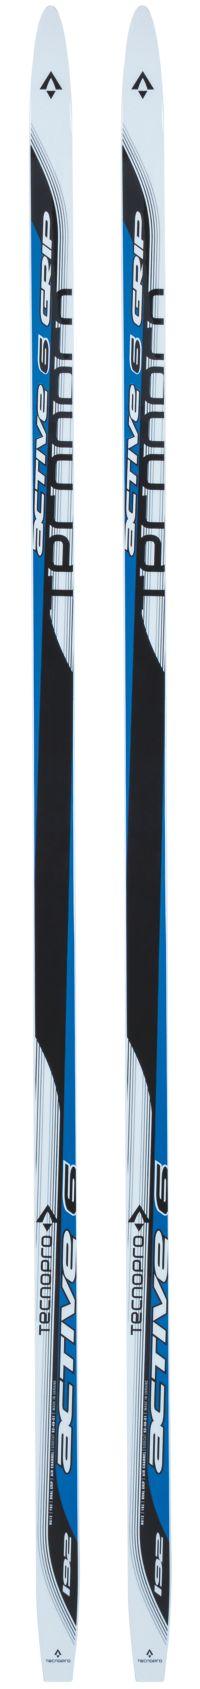 Active 6 Dual Grip NIS Smørefri